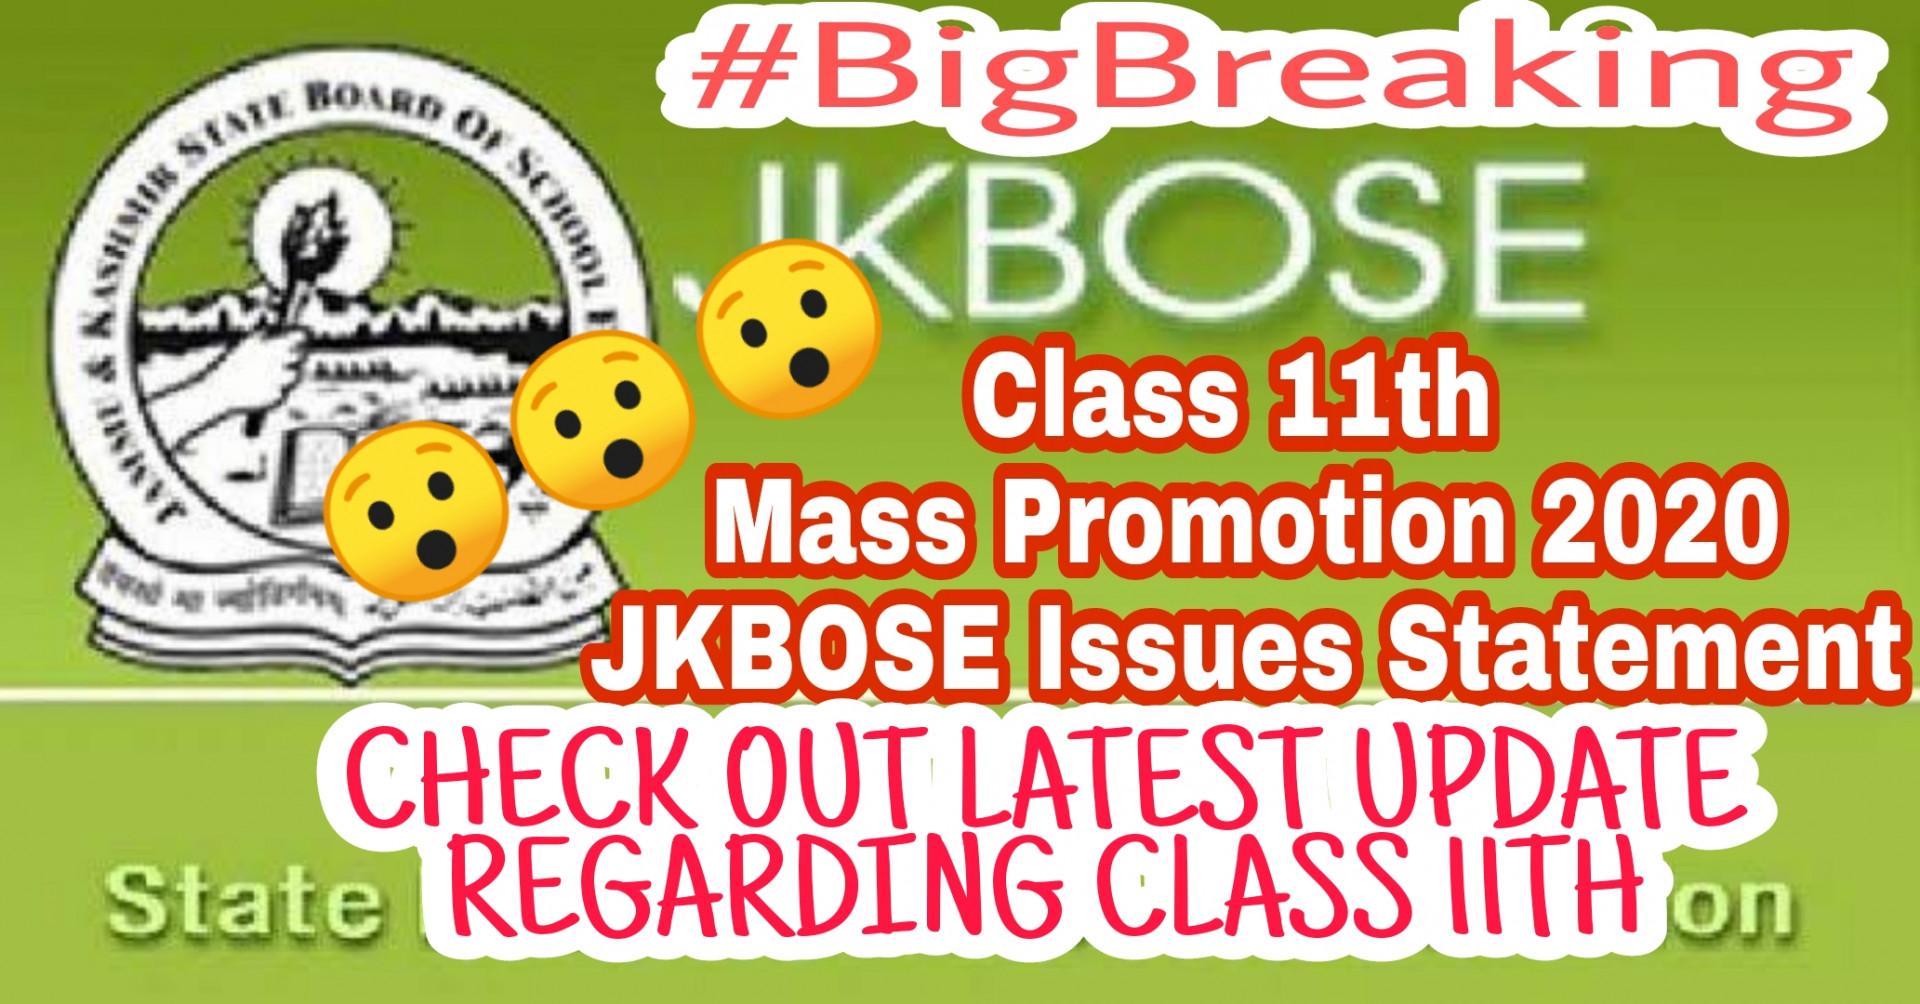 JKBOSE Class 11th Mass Promotion 2020 Latest Exam Notification |JKBOSE Class 11th Datesheet 2020 Annual Regular Kashmir Division